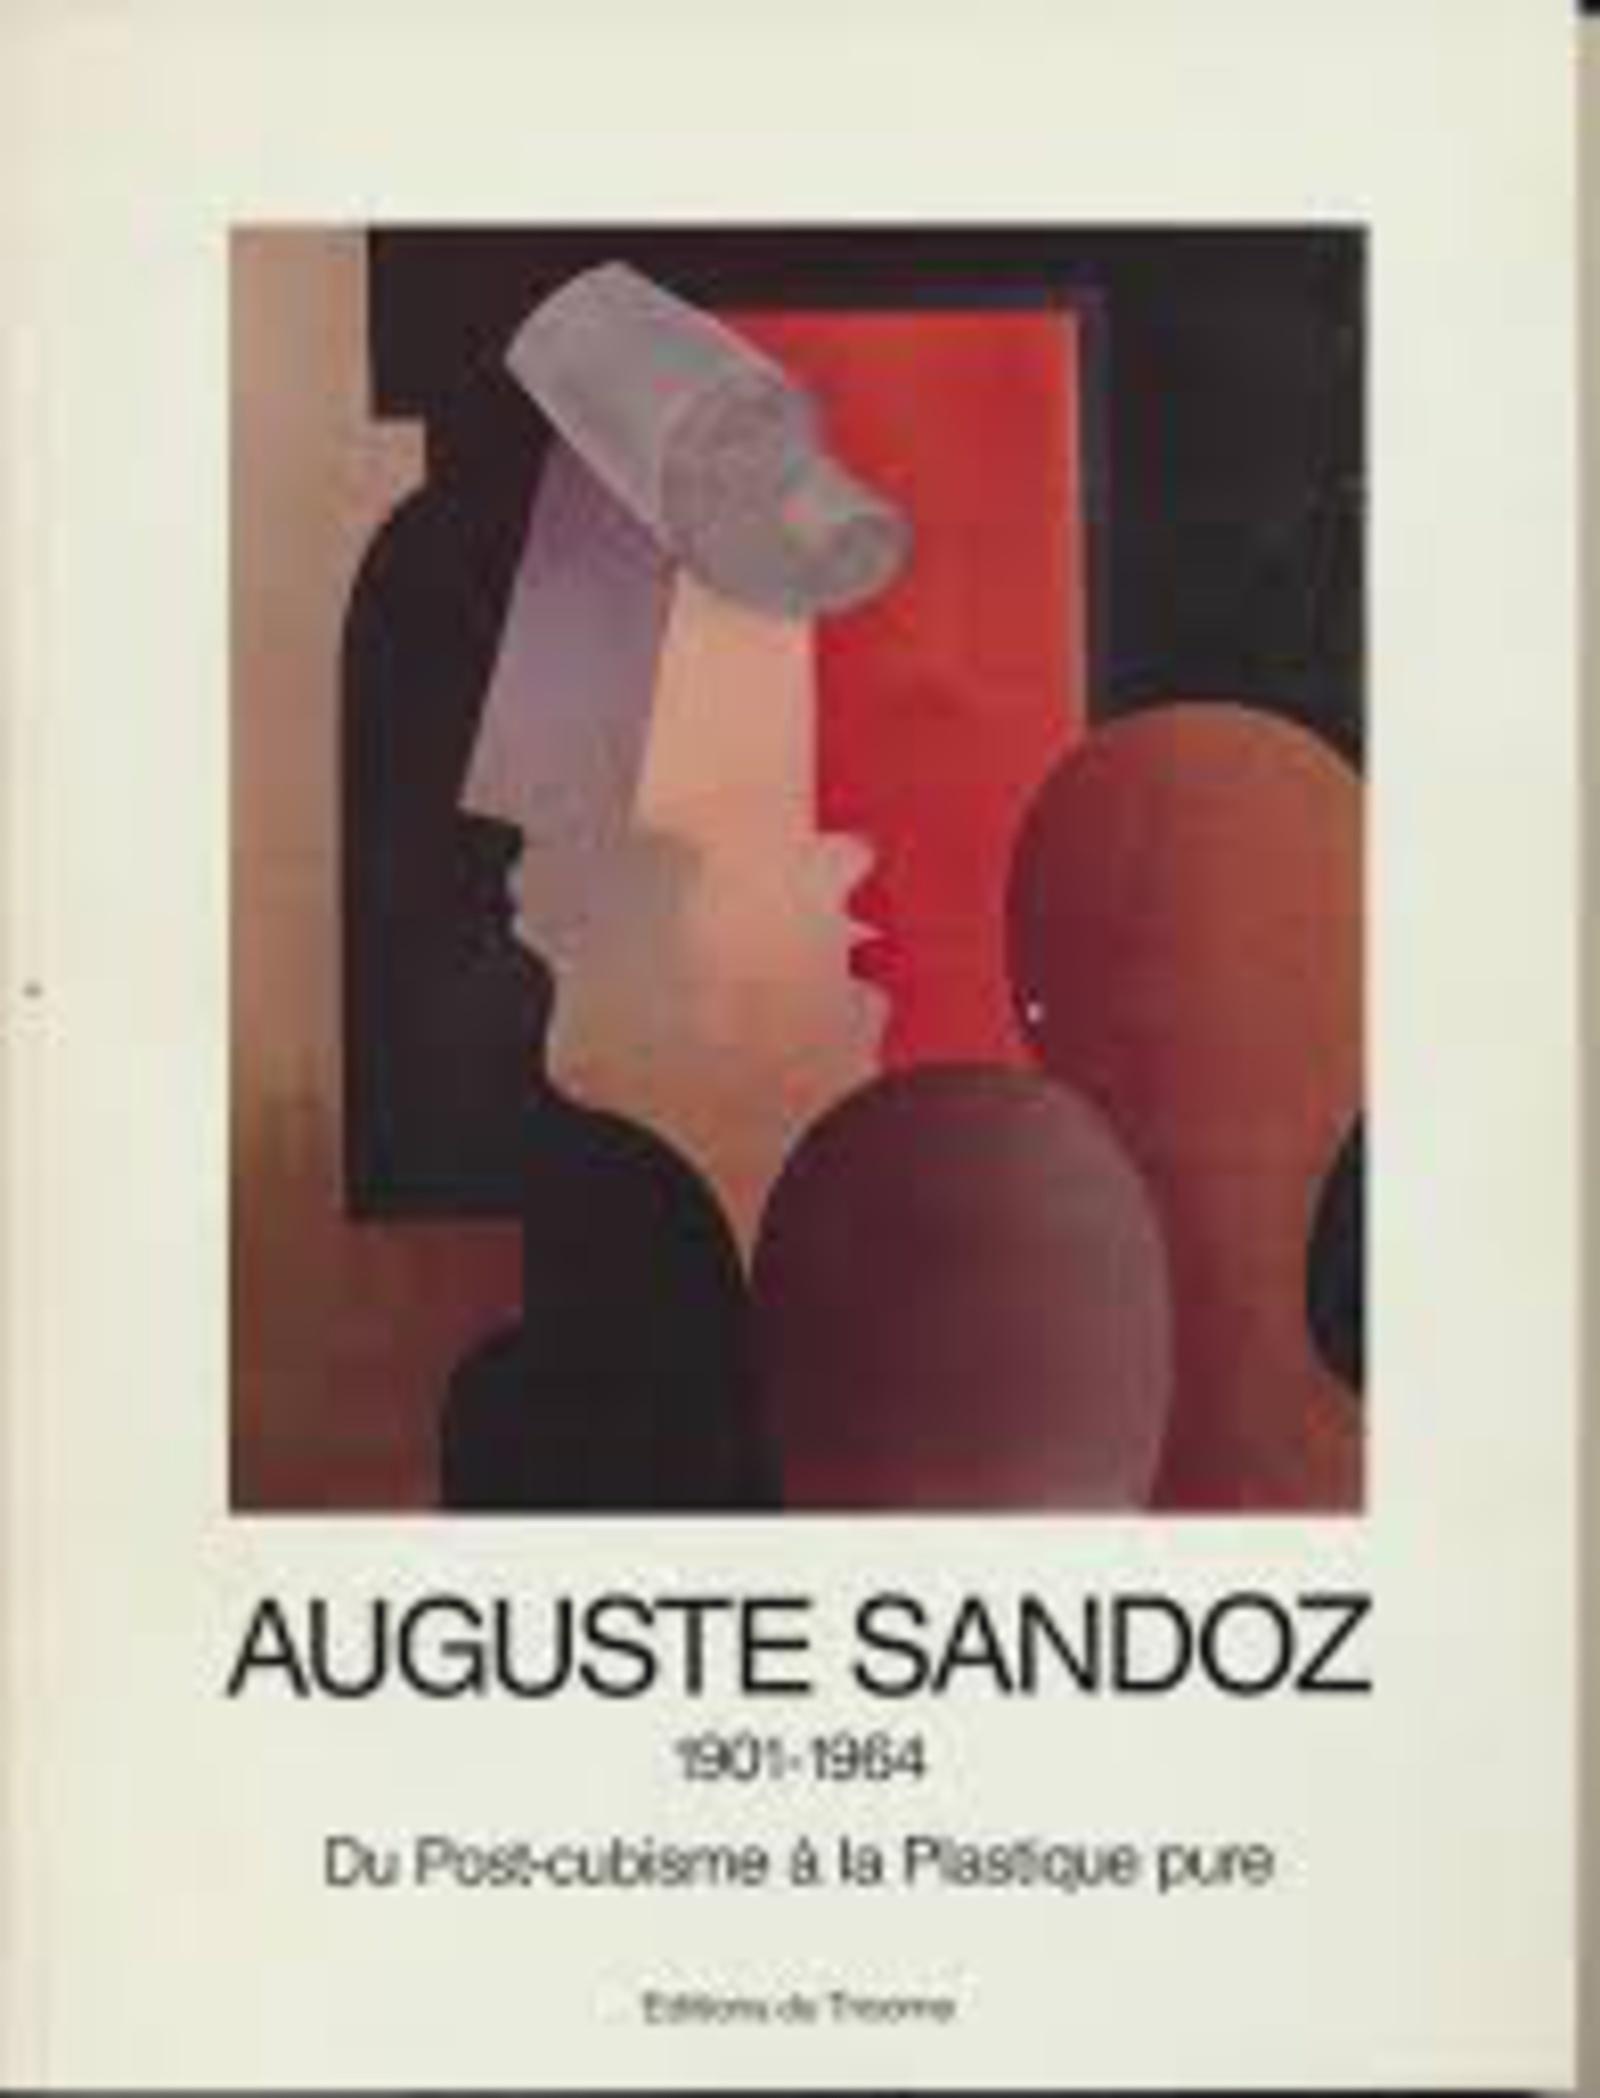 AUGUSTE SANDOZ 1901-1964 - DU POST-CUBISME A LA PLASTIQUE PURE